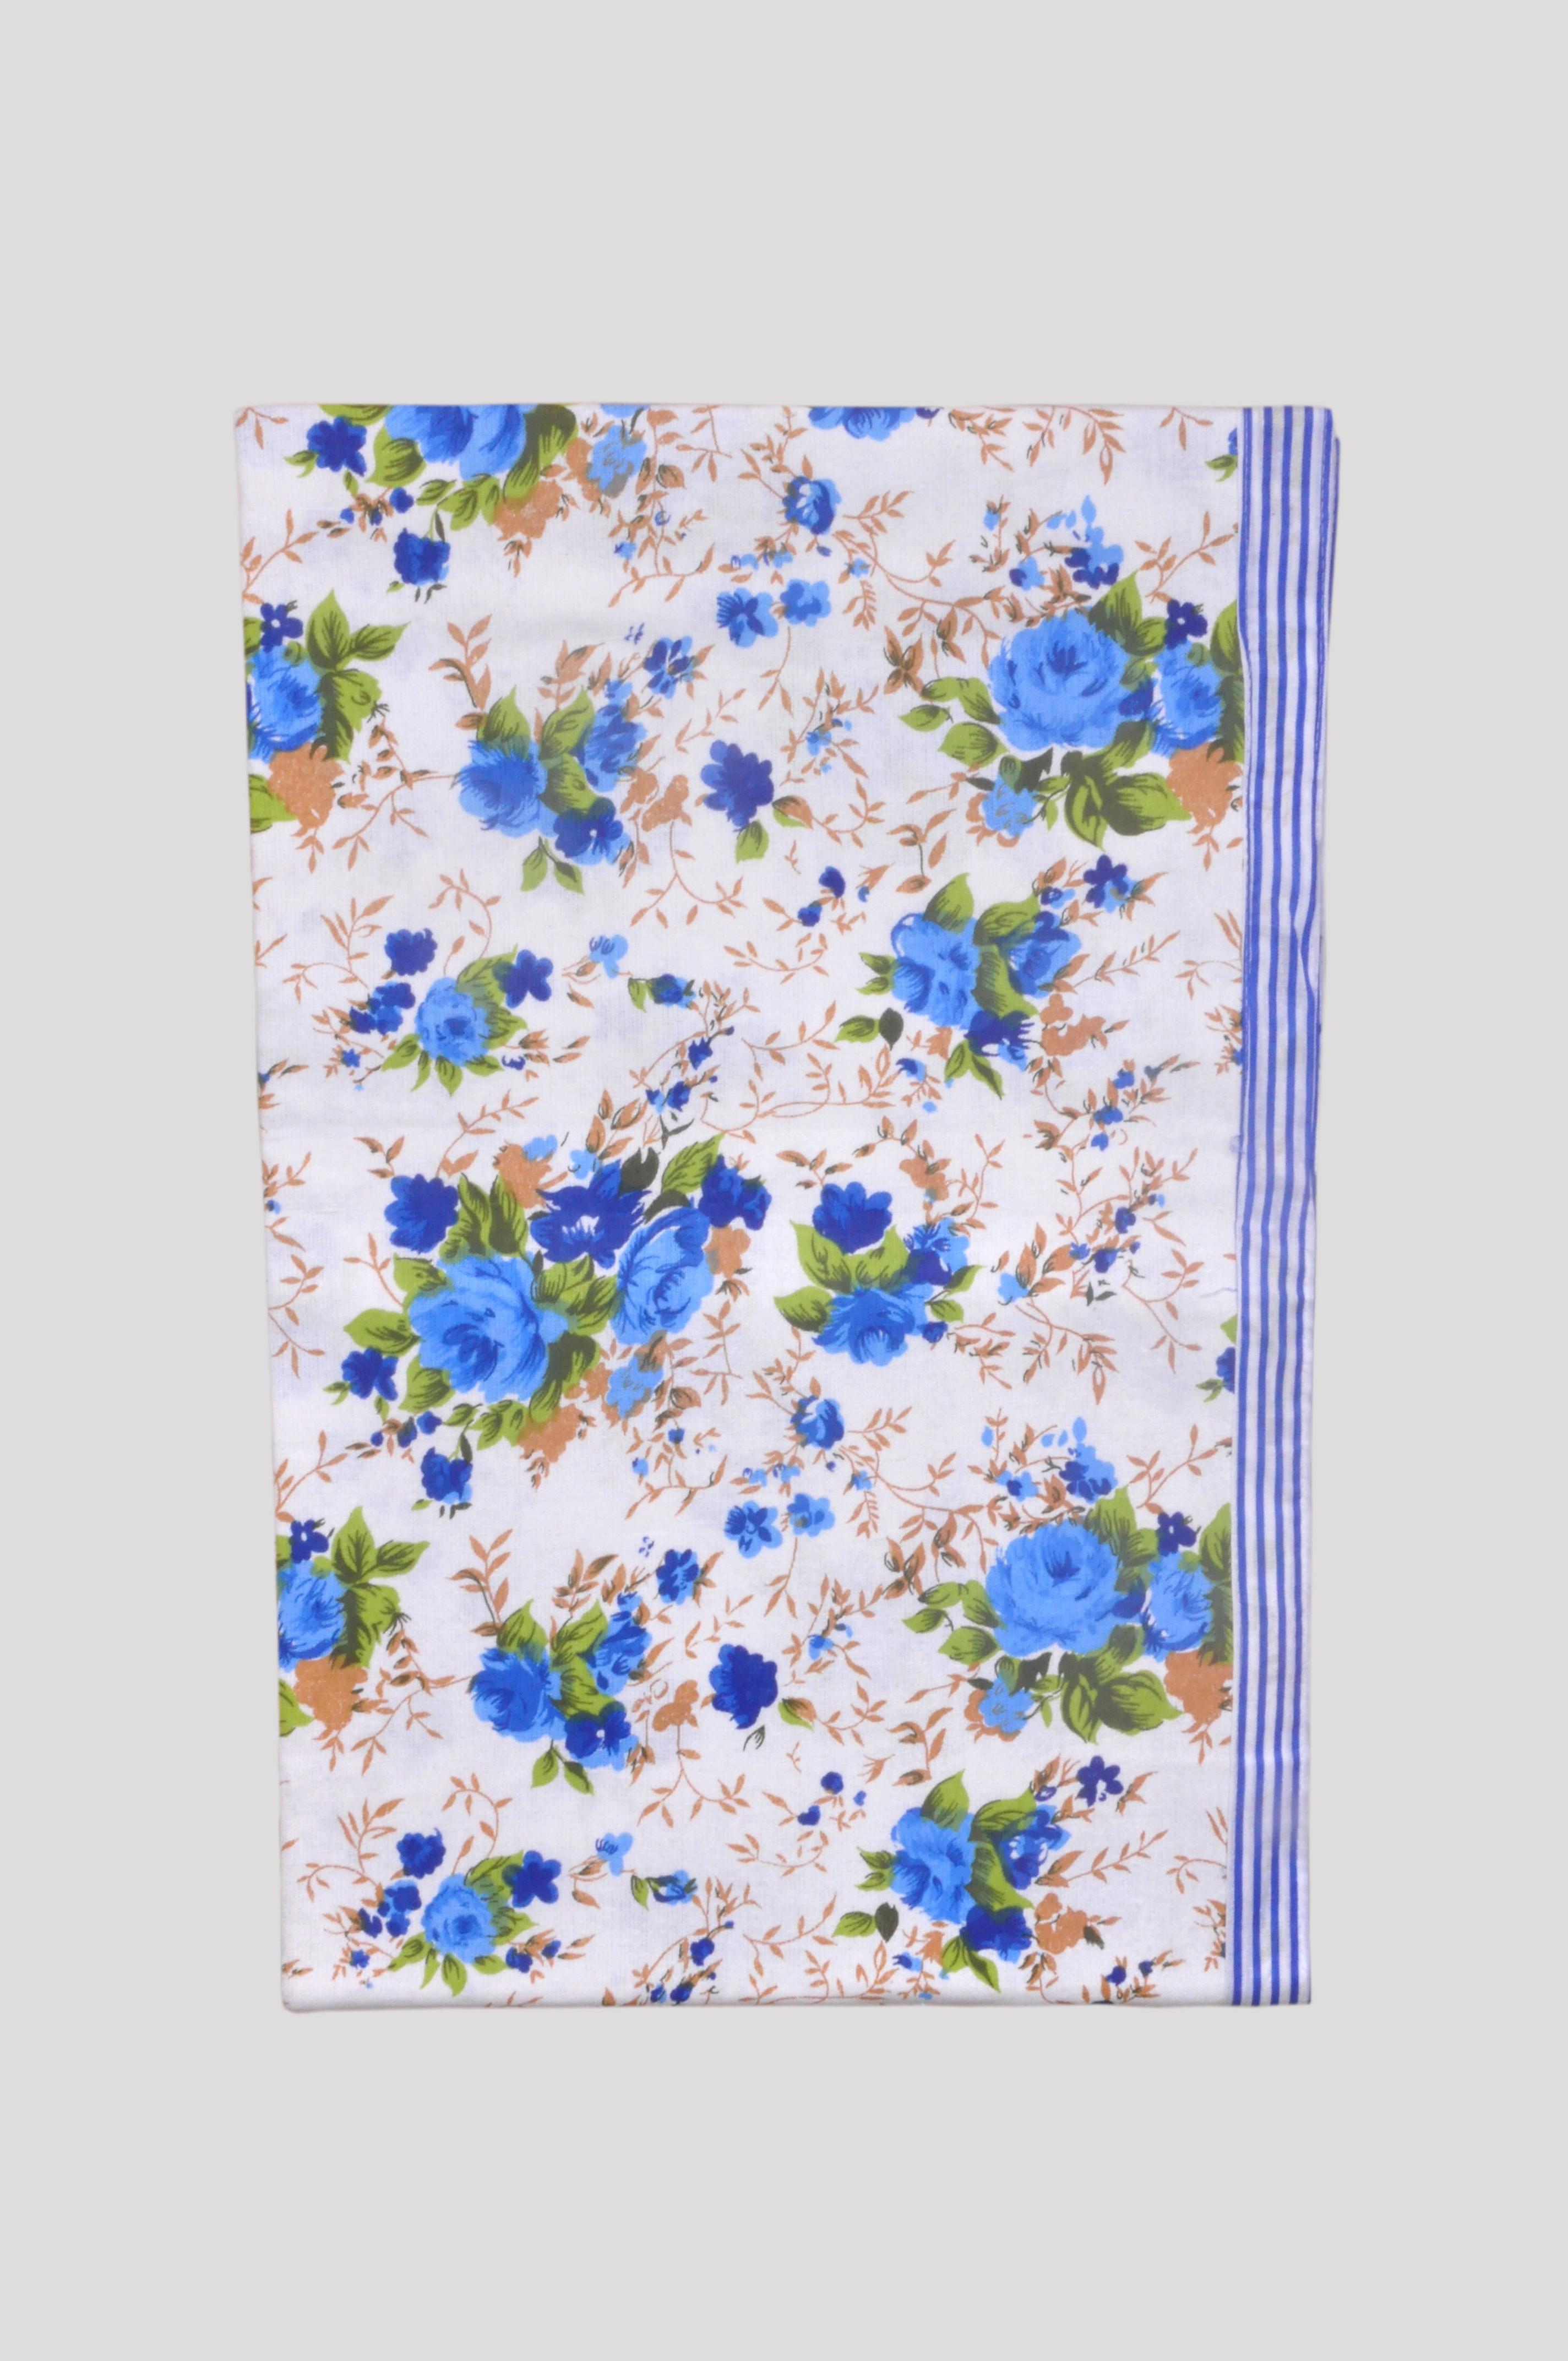 Jass Home Decor Floral Single Blanket Blue(AC Blanket, Set of 1 Blanket)